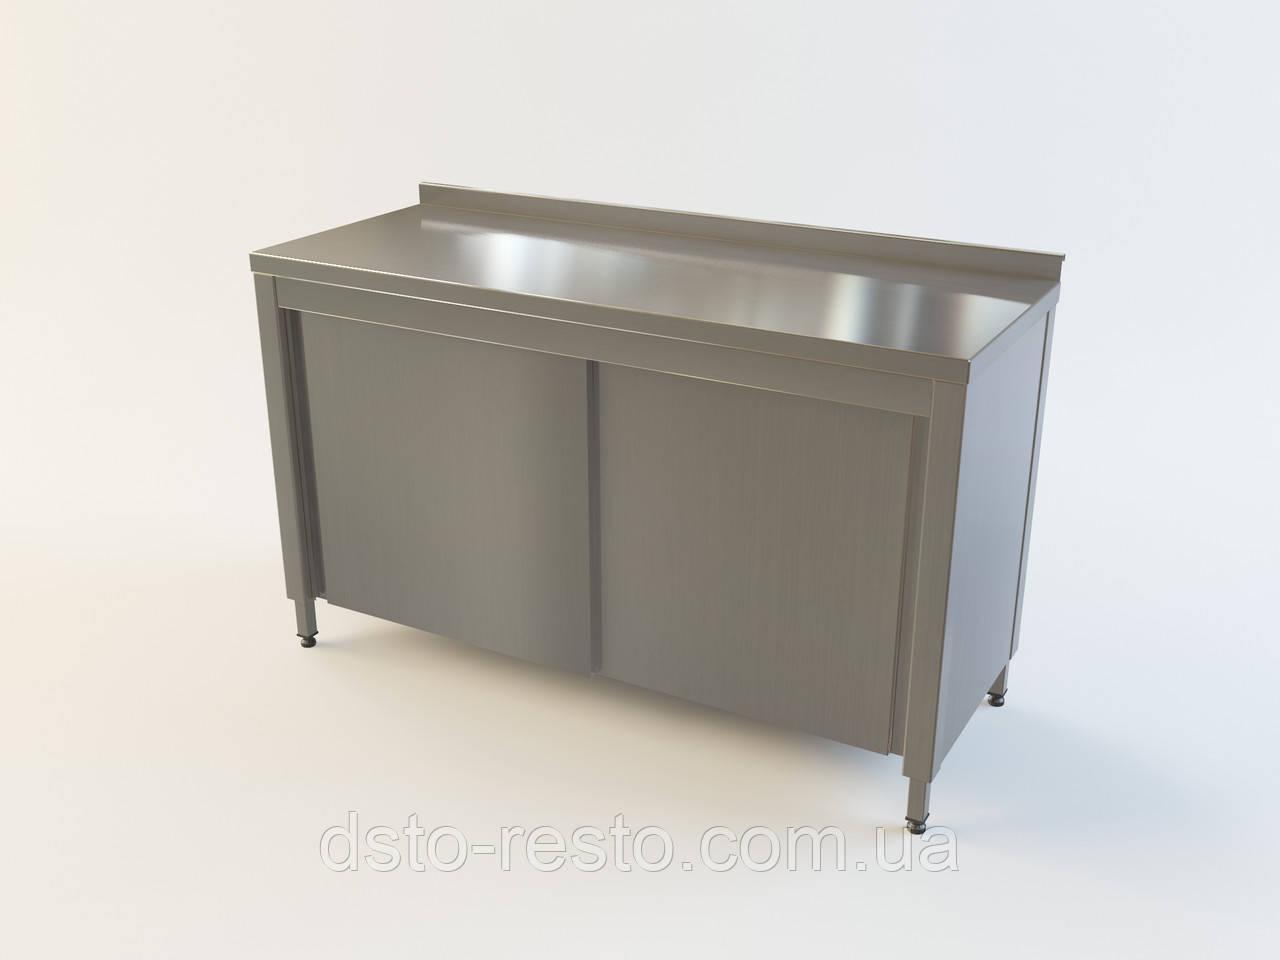 Стіл теплової 1100/600/850 мм